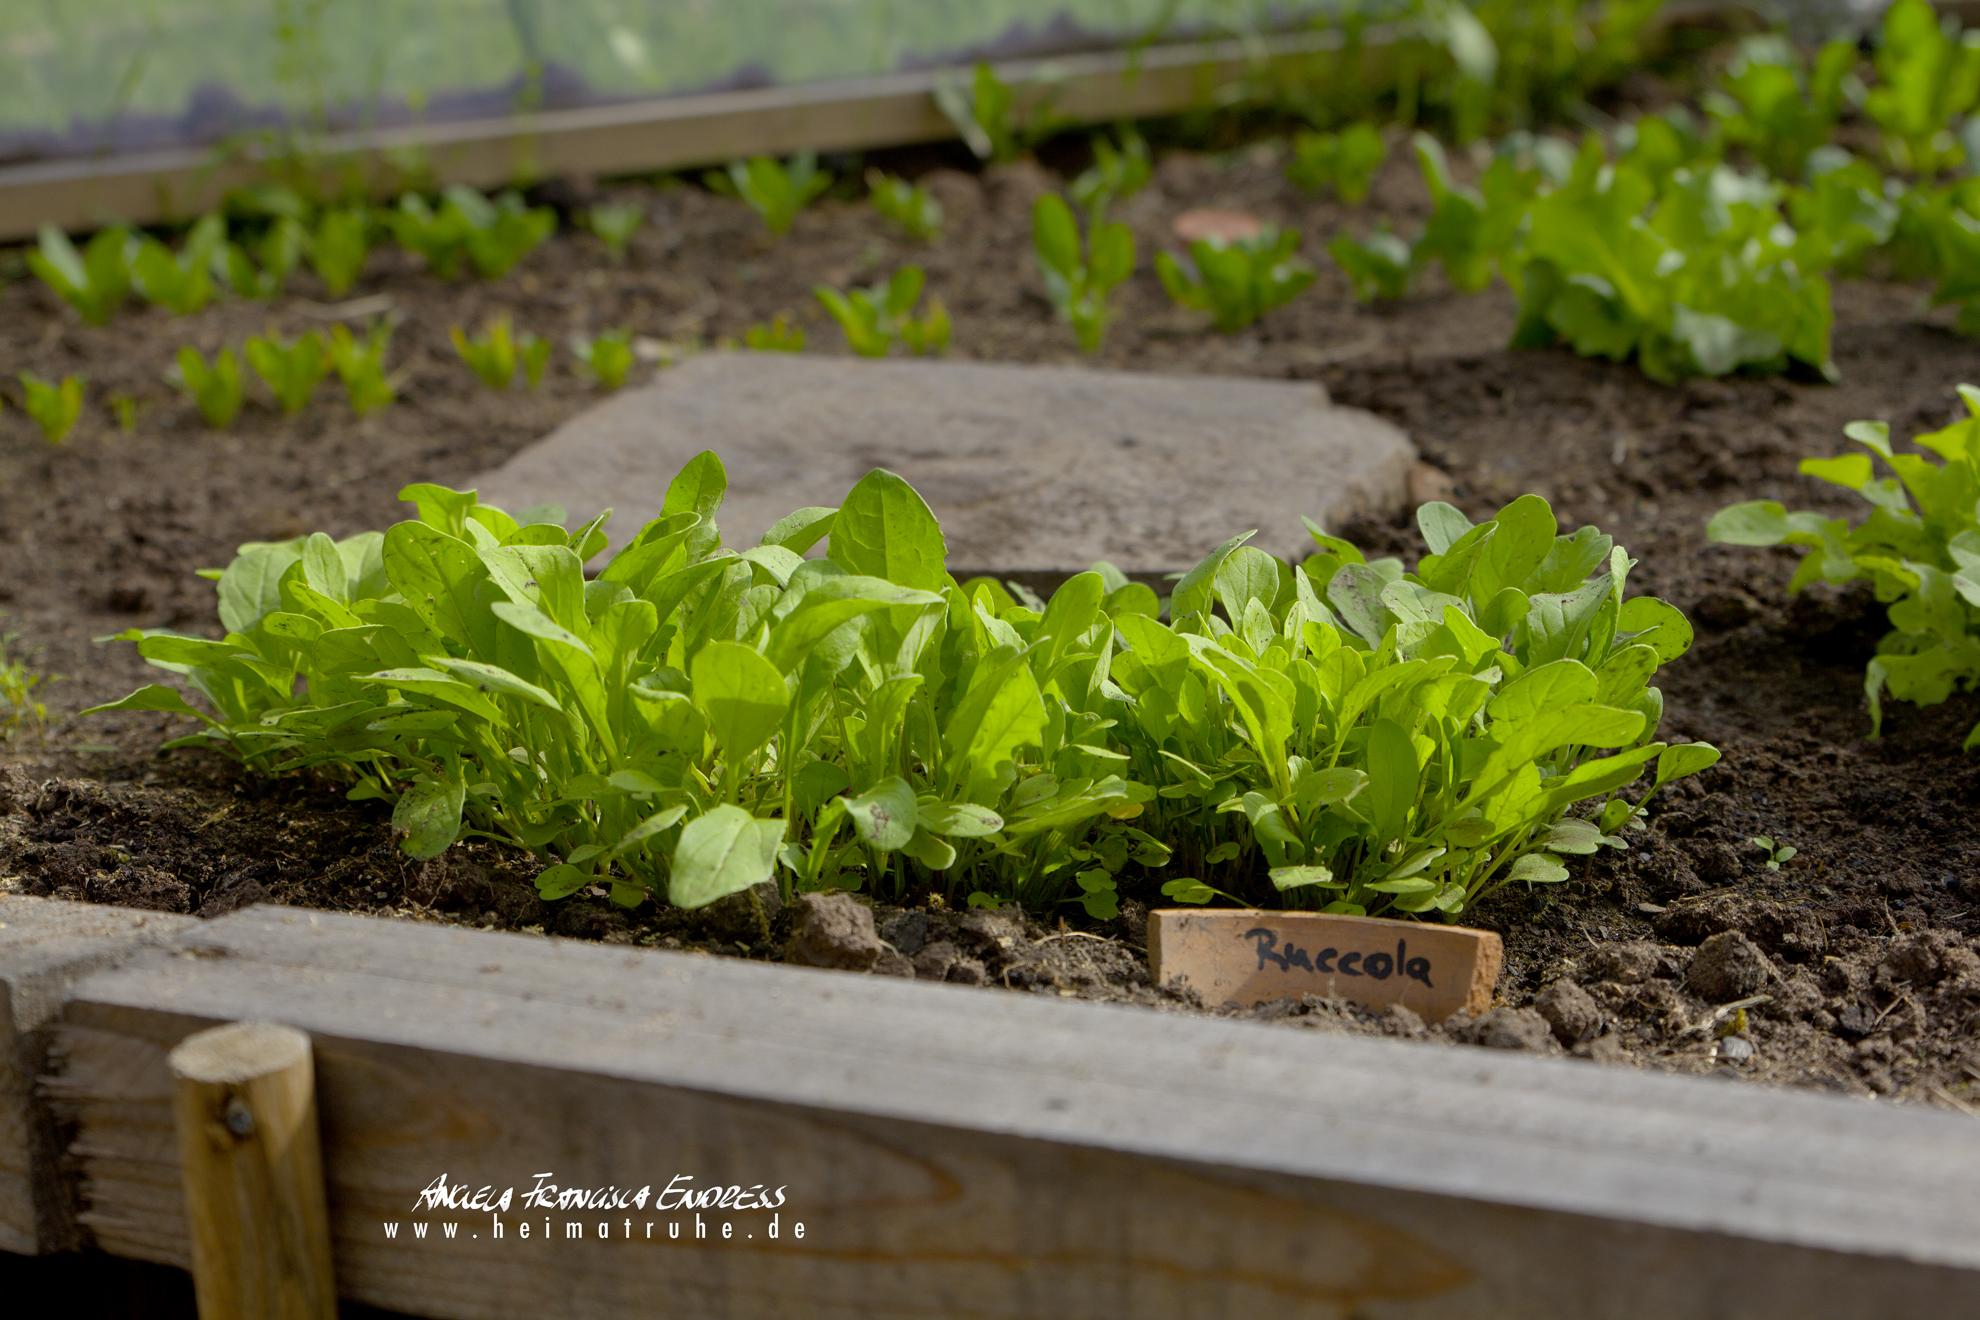 Salatpflänzchen im Beet mit Namen auf Tonscherbe